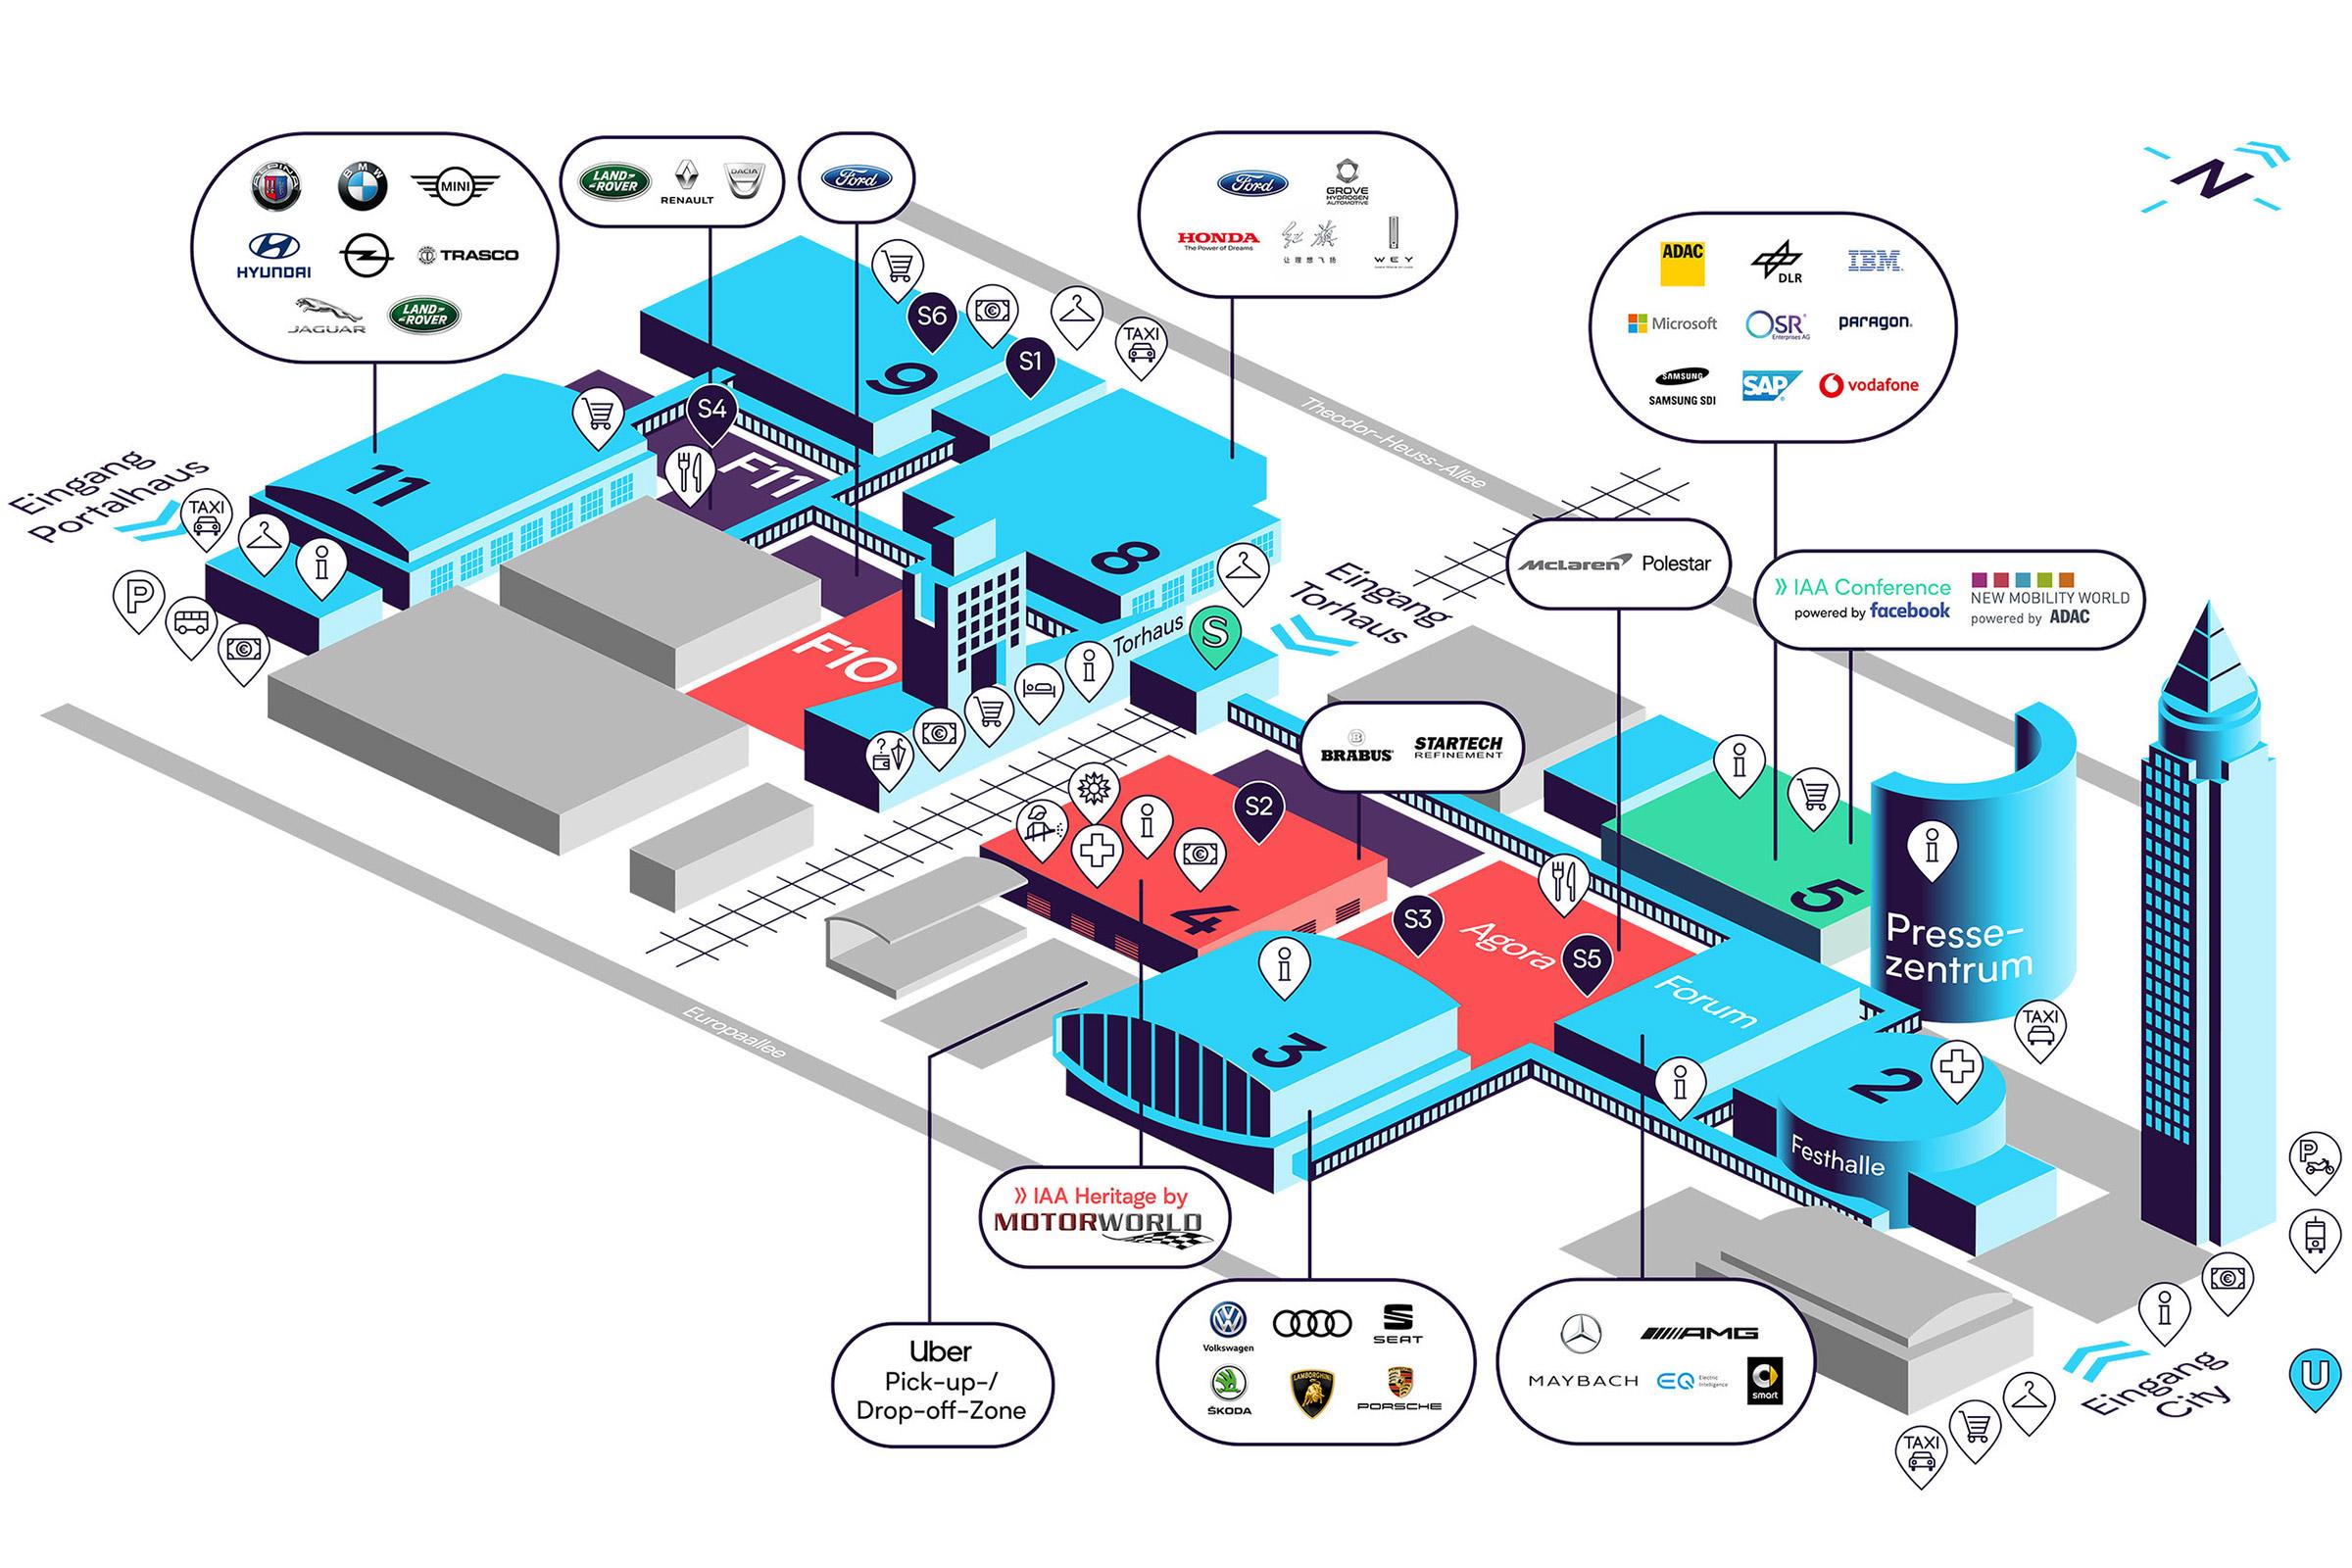 【フランクフルトモーターショー2019】ドイツメーカーが重大発表を計画か?